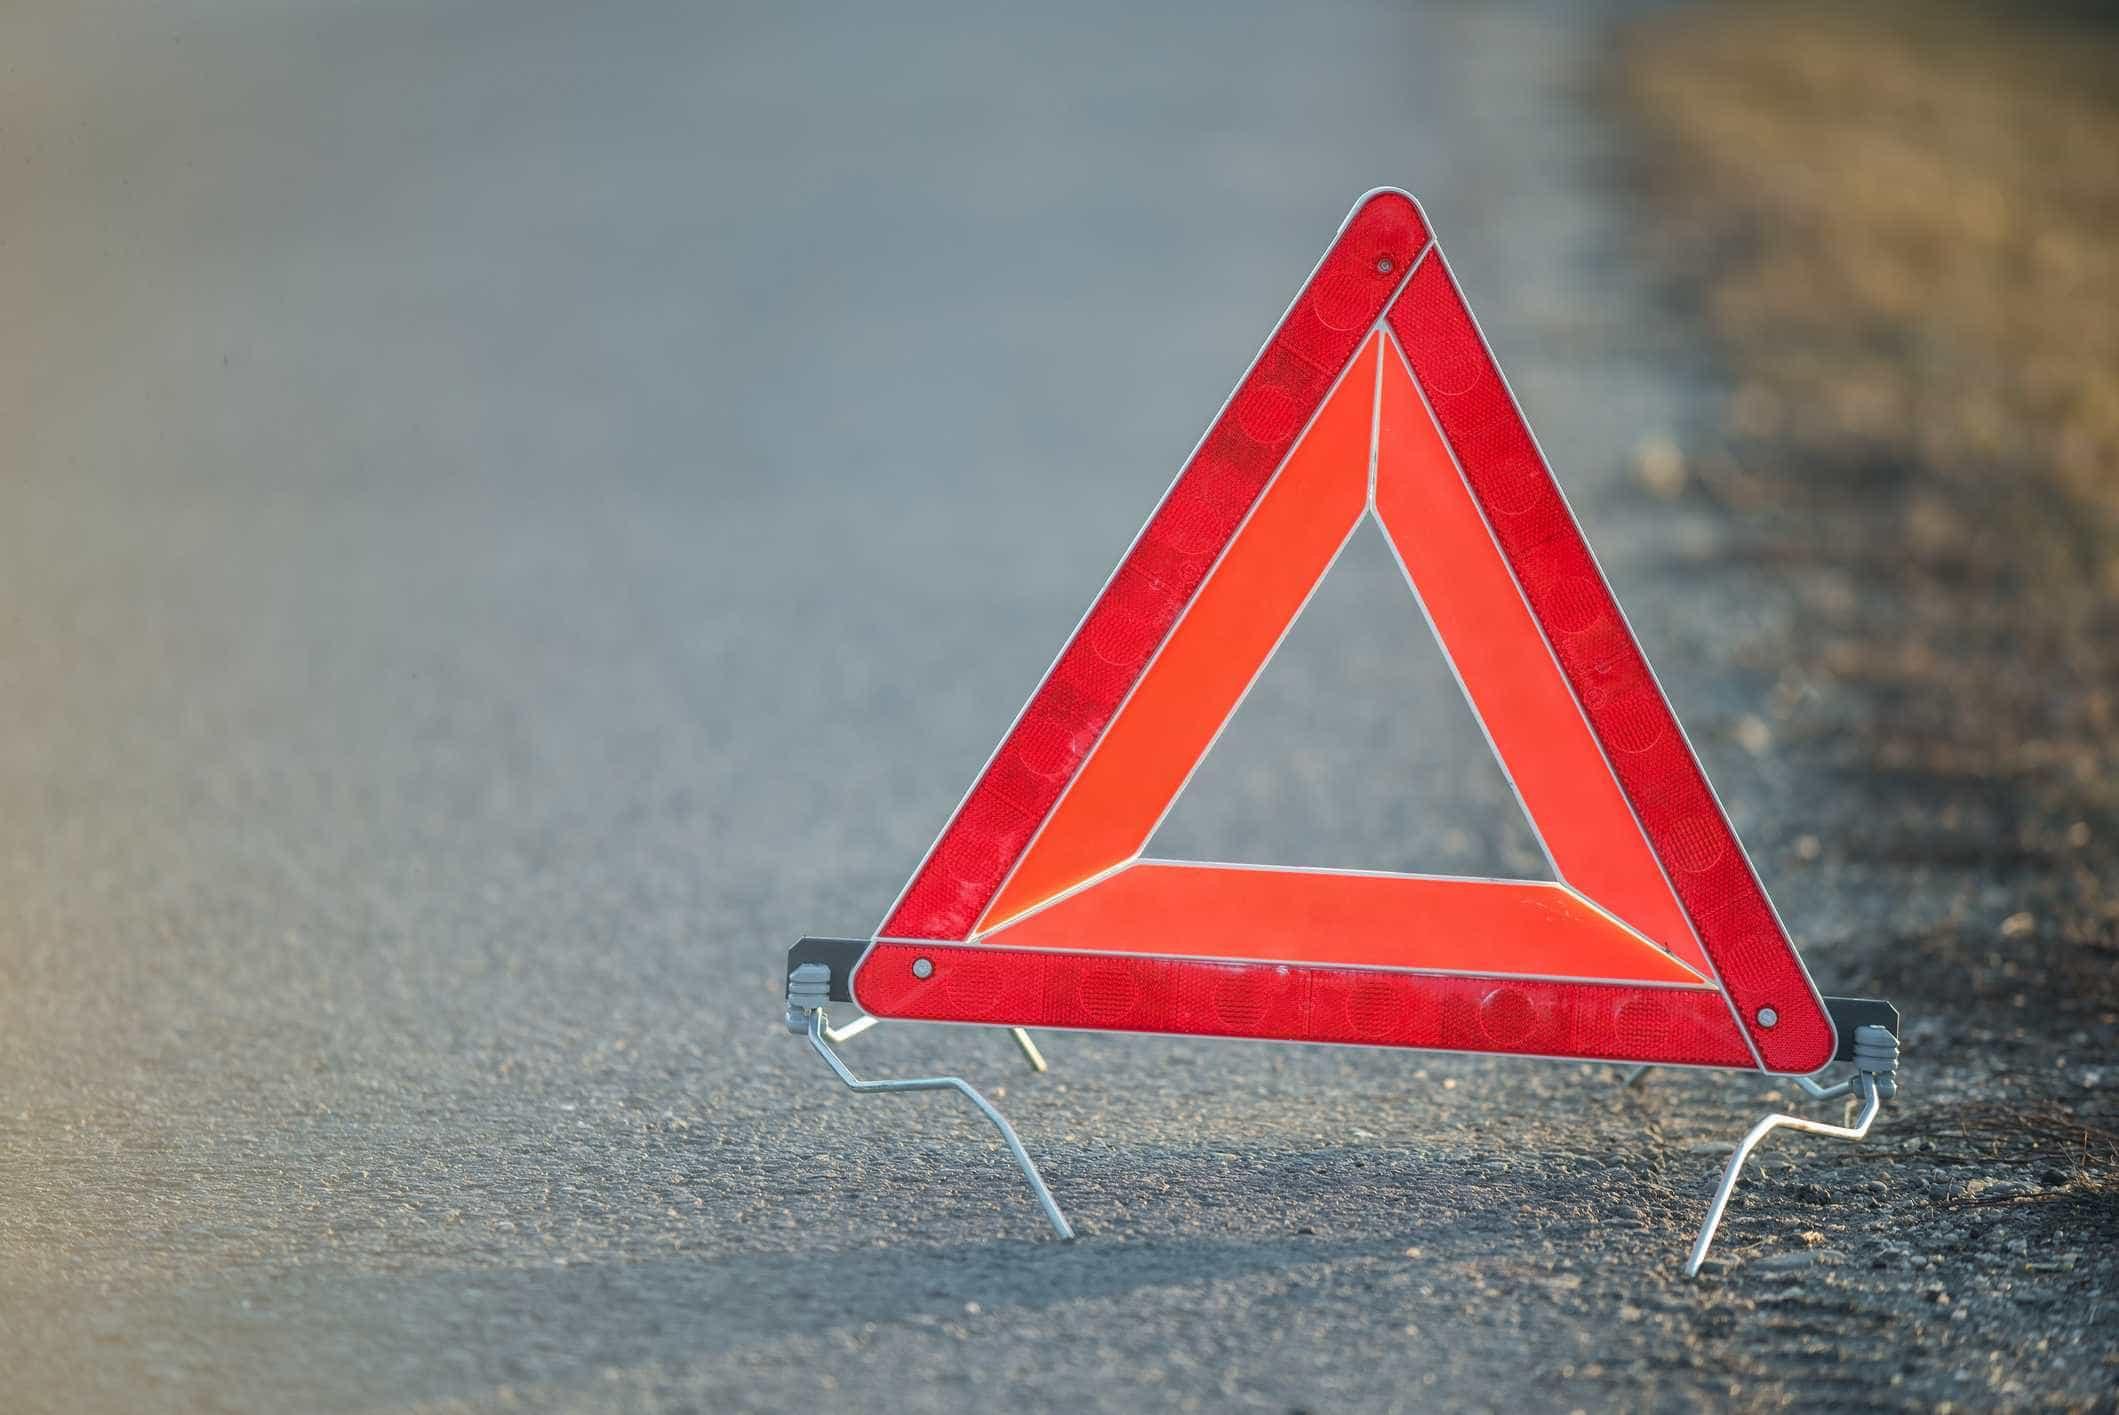 Trânsito condicionado na EN251 após colisão entre veículos